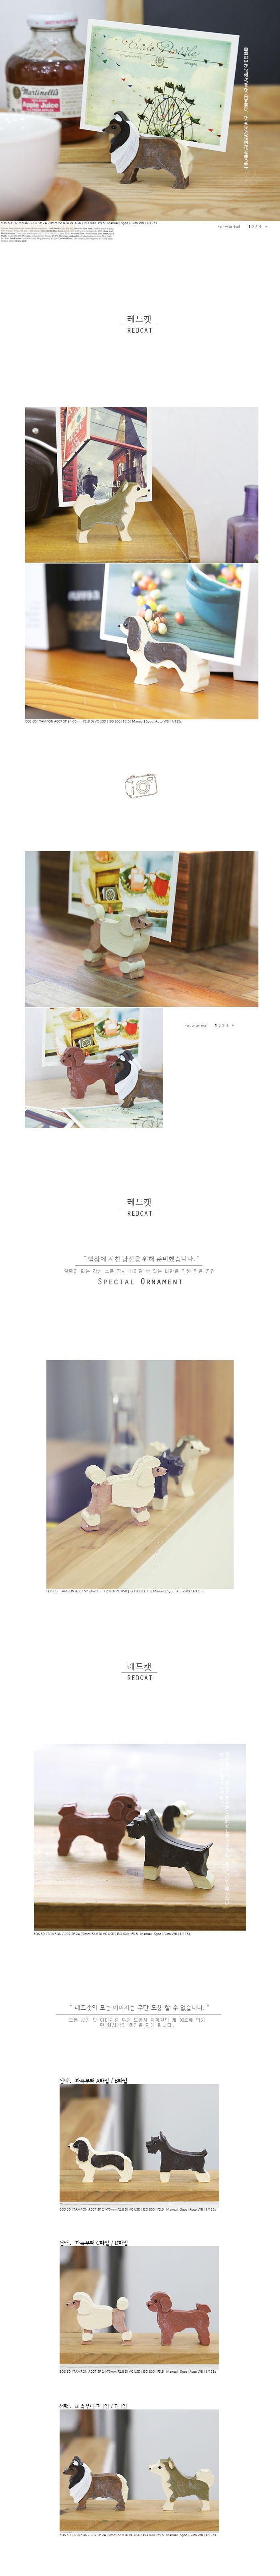 내츄럴 퍼피 사진홀더 겸용 메모홀더 - 네코리빙, 4,640원, 데스크정리, 명함/메모 홀더